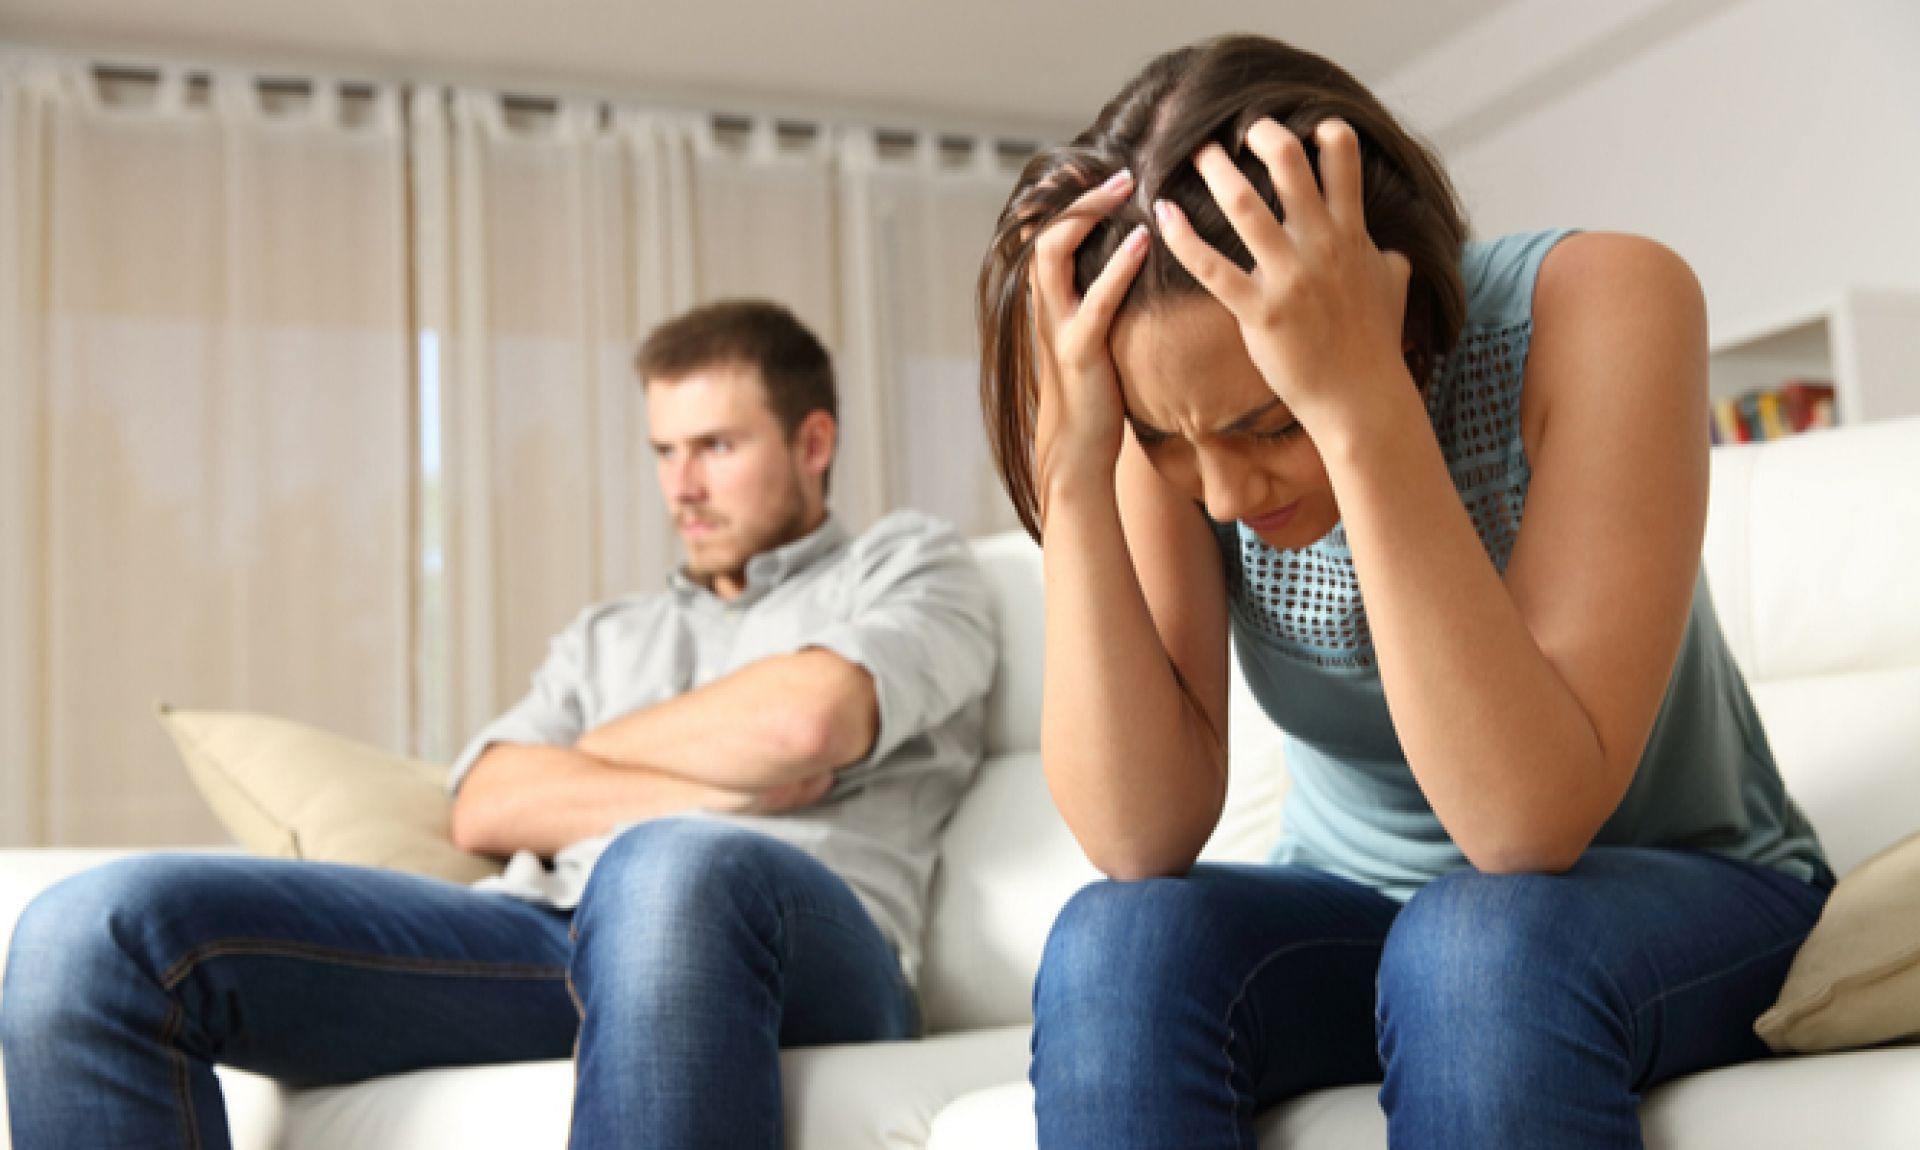 Τρεις είναι οι αρνητικές ιδιότητες που έχει ο άπιστος σύντροφος